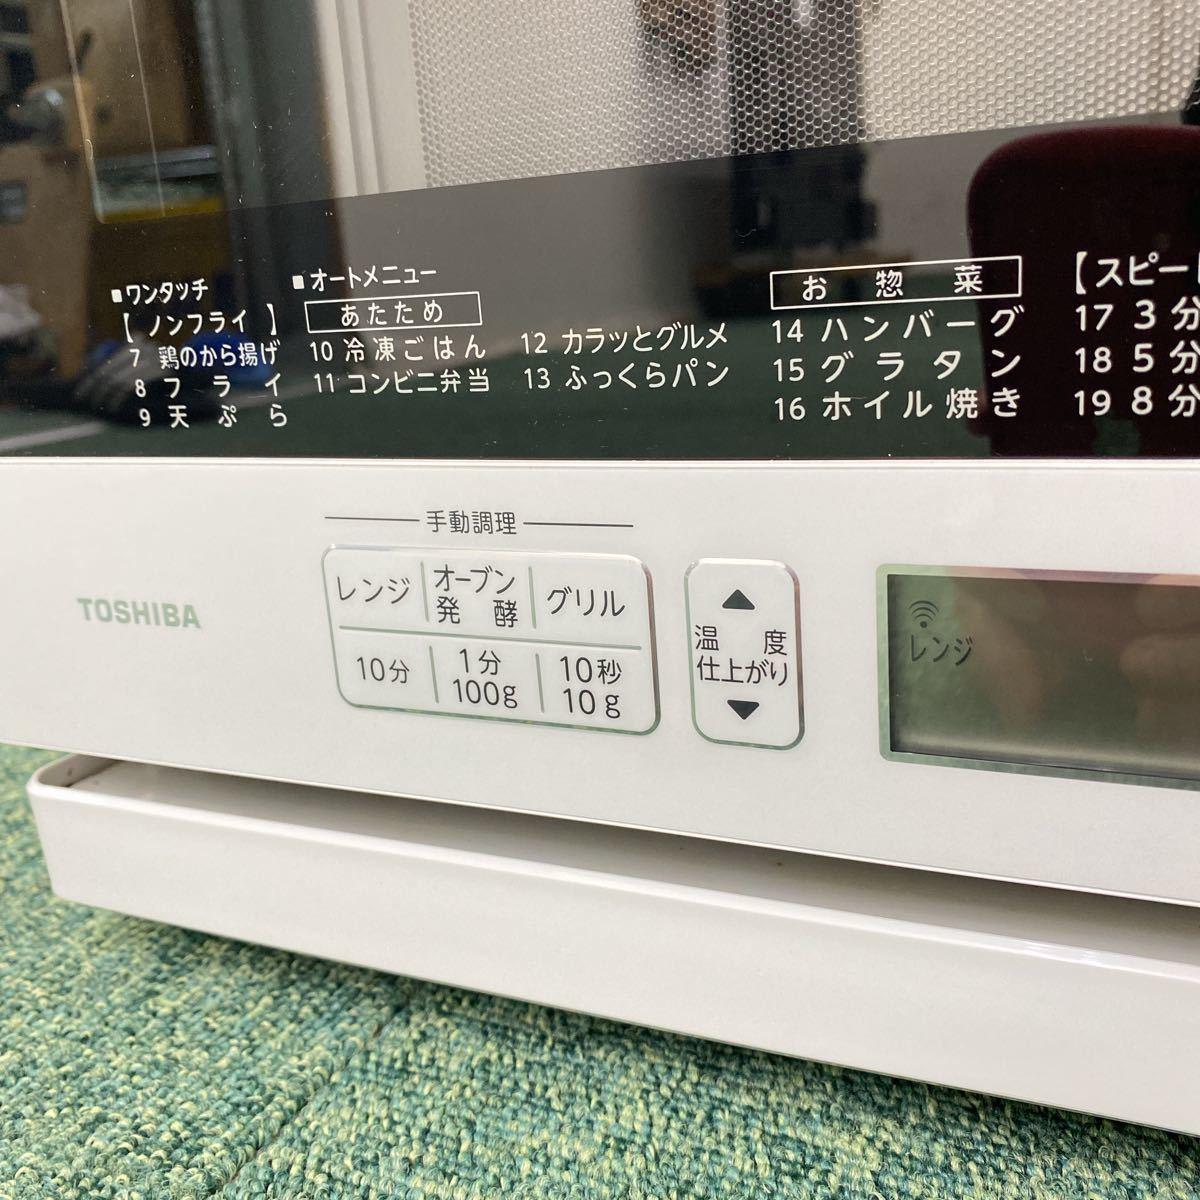 * 東芝 石窯ドーム オーブンレンジ 2016年製*0721-6